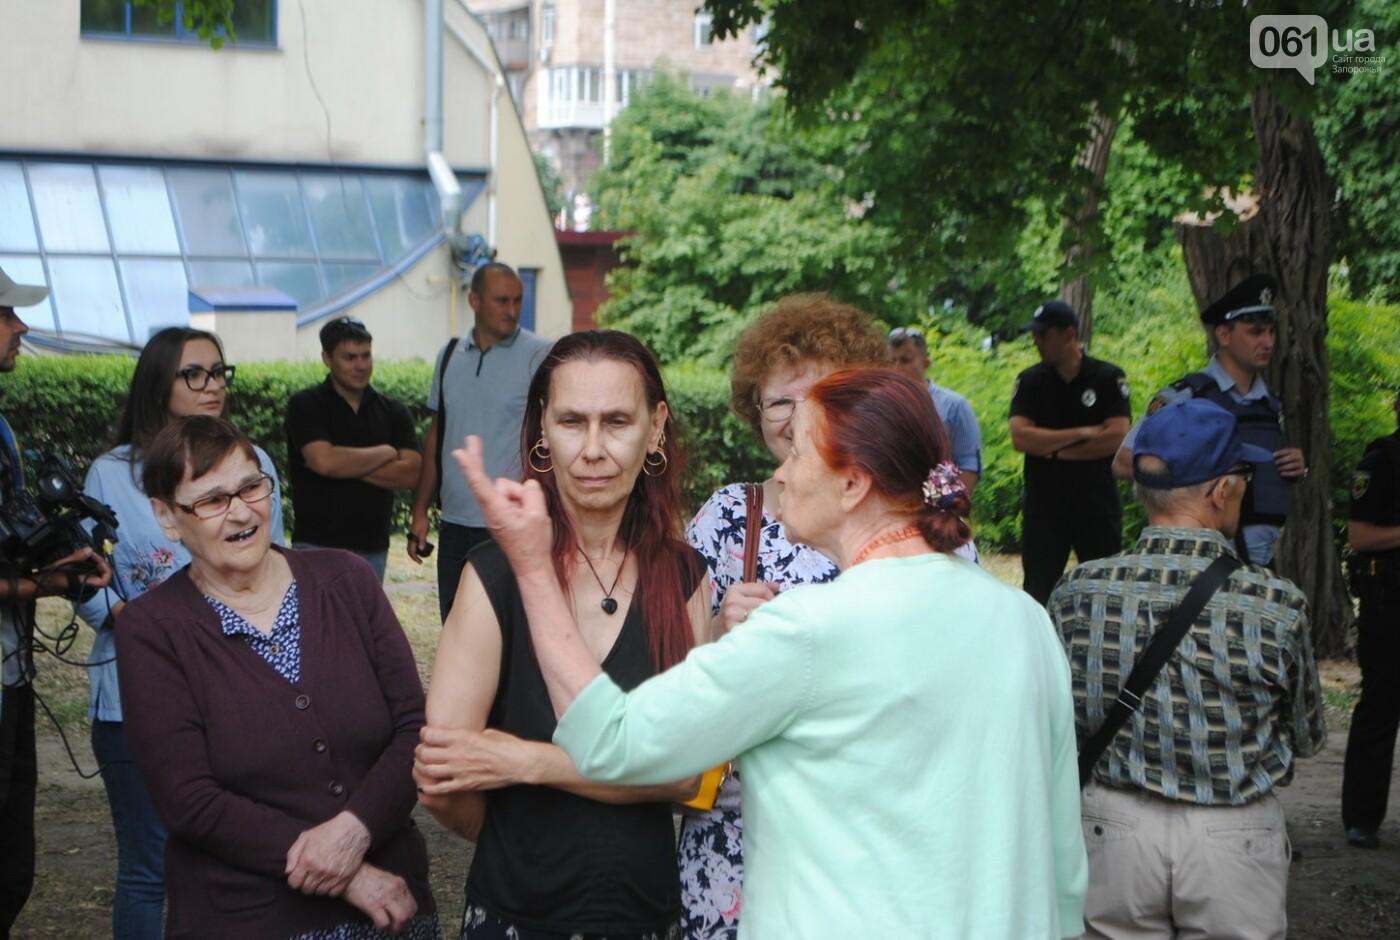 Протест в парке Яланского в лицах, - колоритный ФОТОРЕПОРТАЖ, фото-17